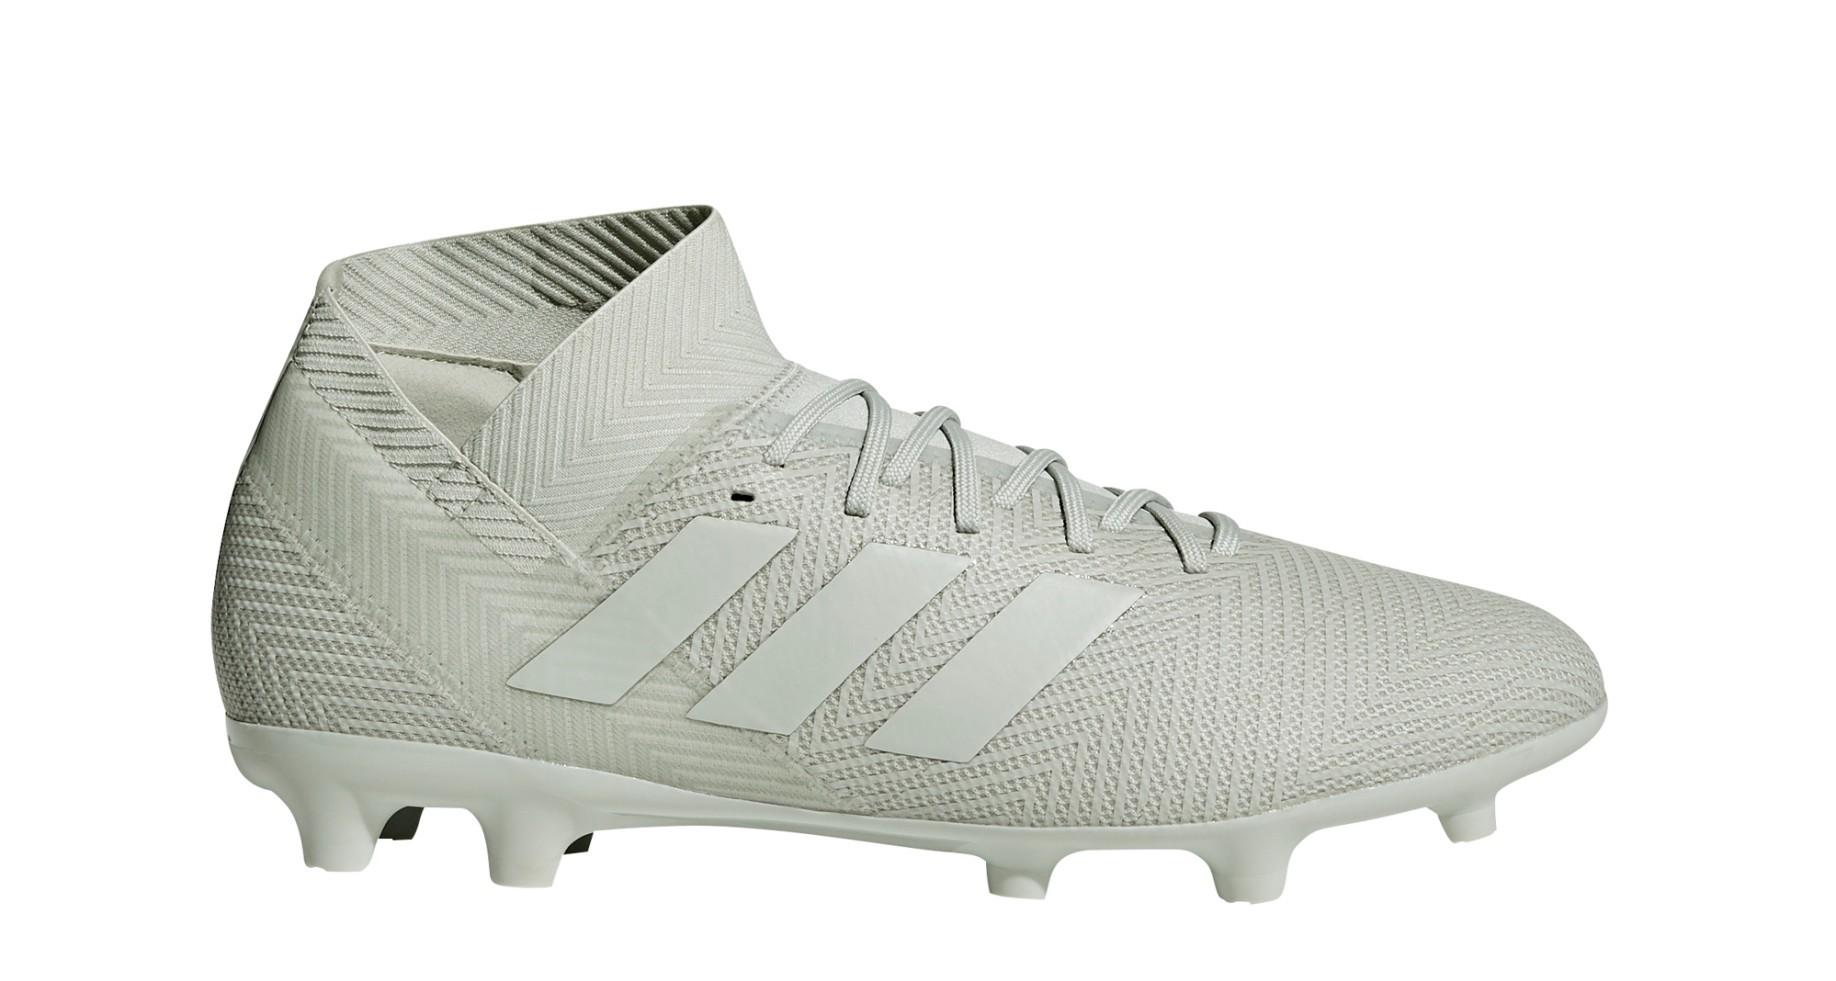 Adidas Football boots Nemeziz 18.3 FG Spectral Mode Pack